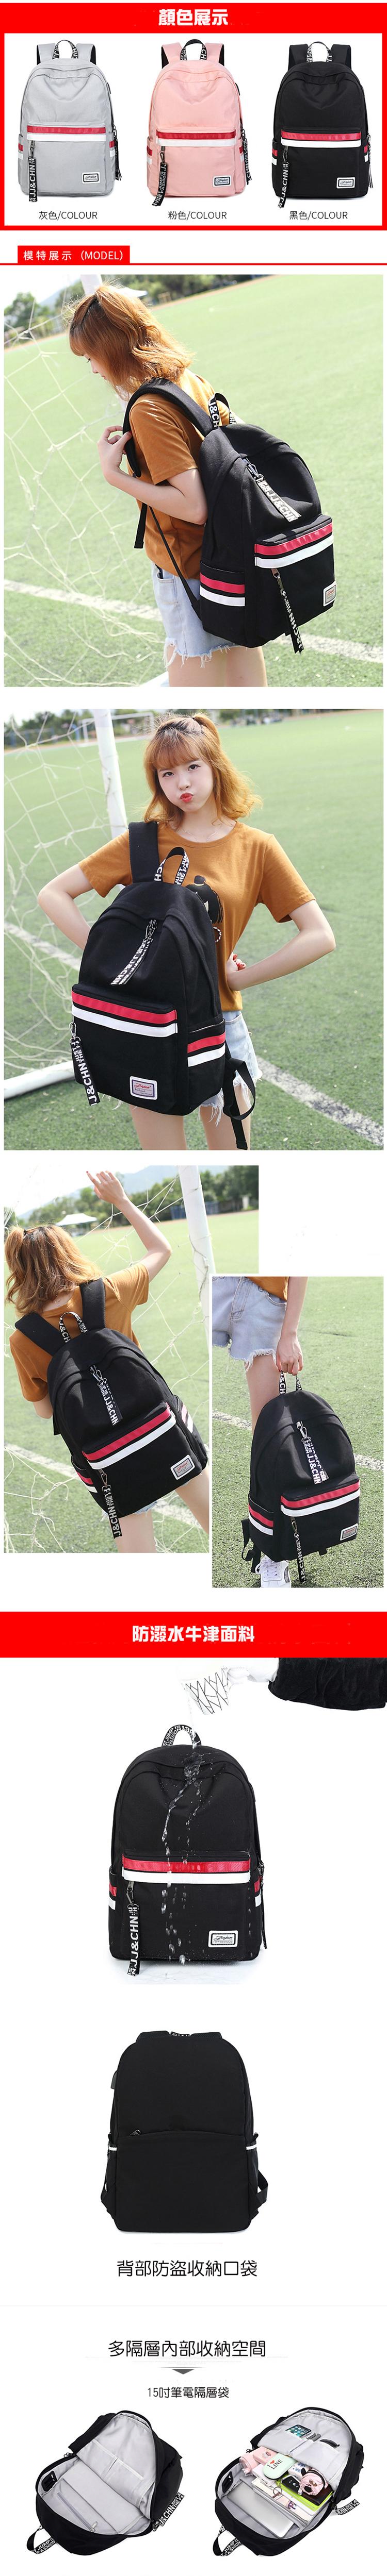 15 吋筆電包防水後背包旅行包包手提包--夏日時光